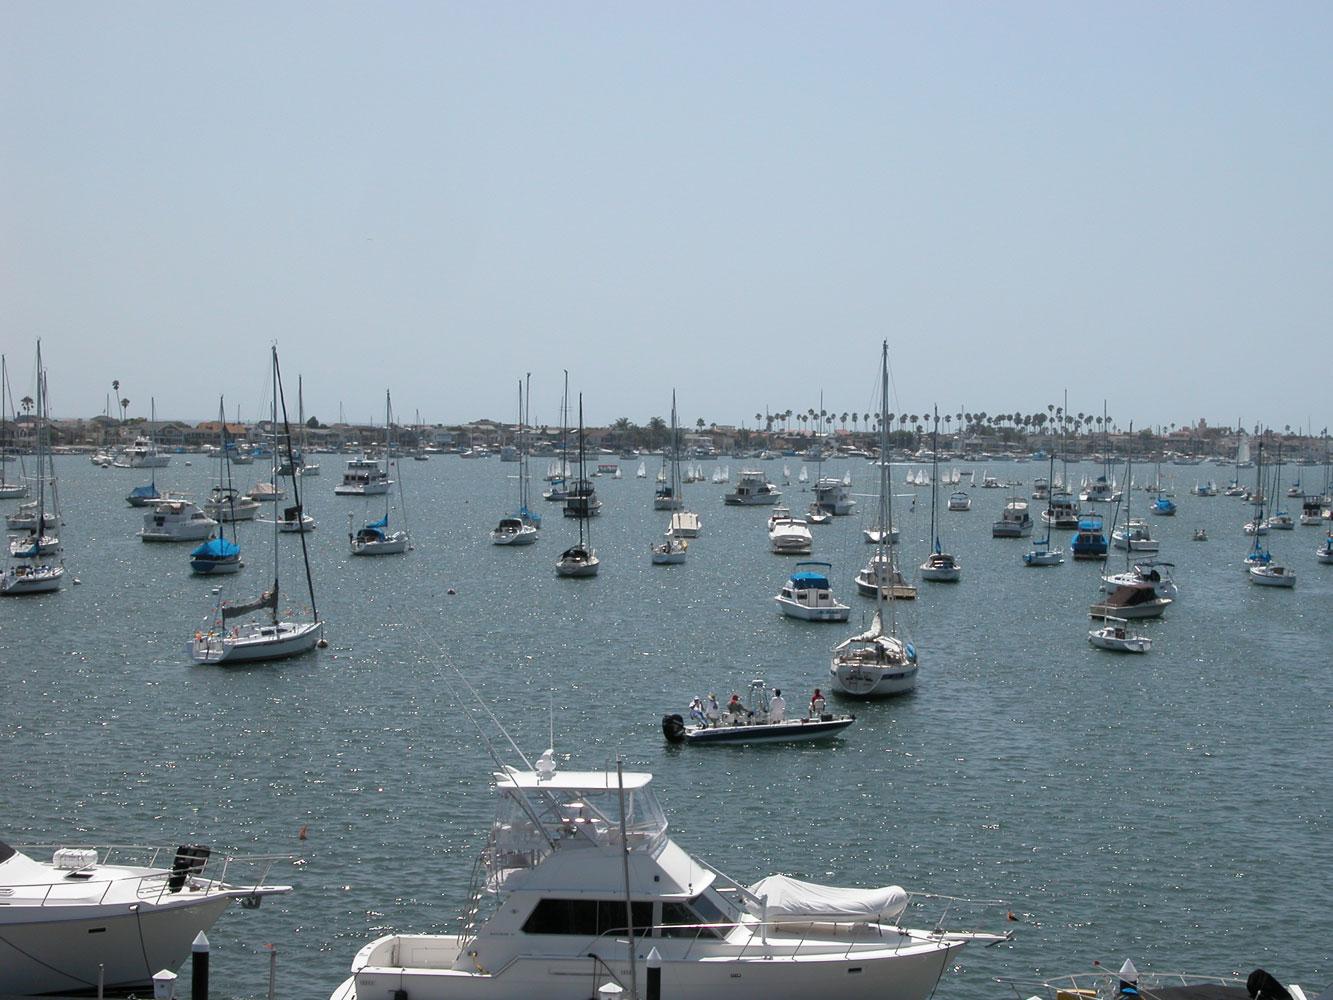 Moorings or floating docks?